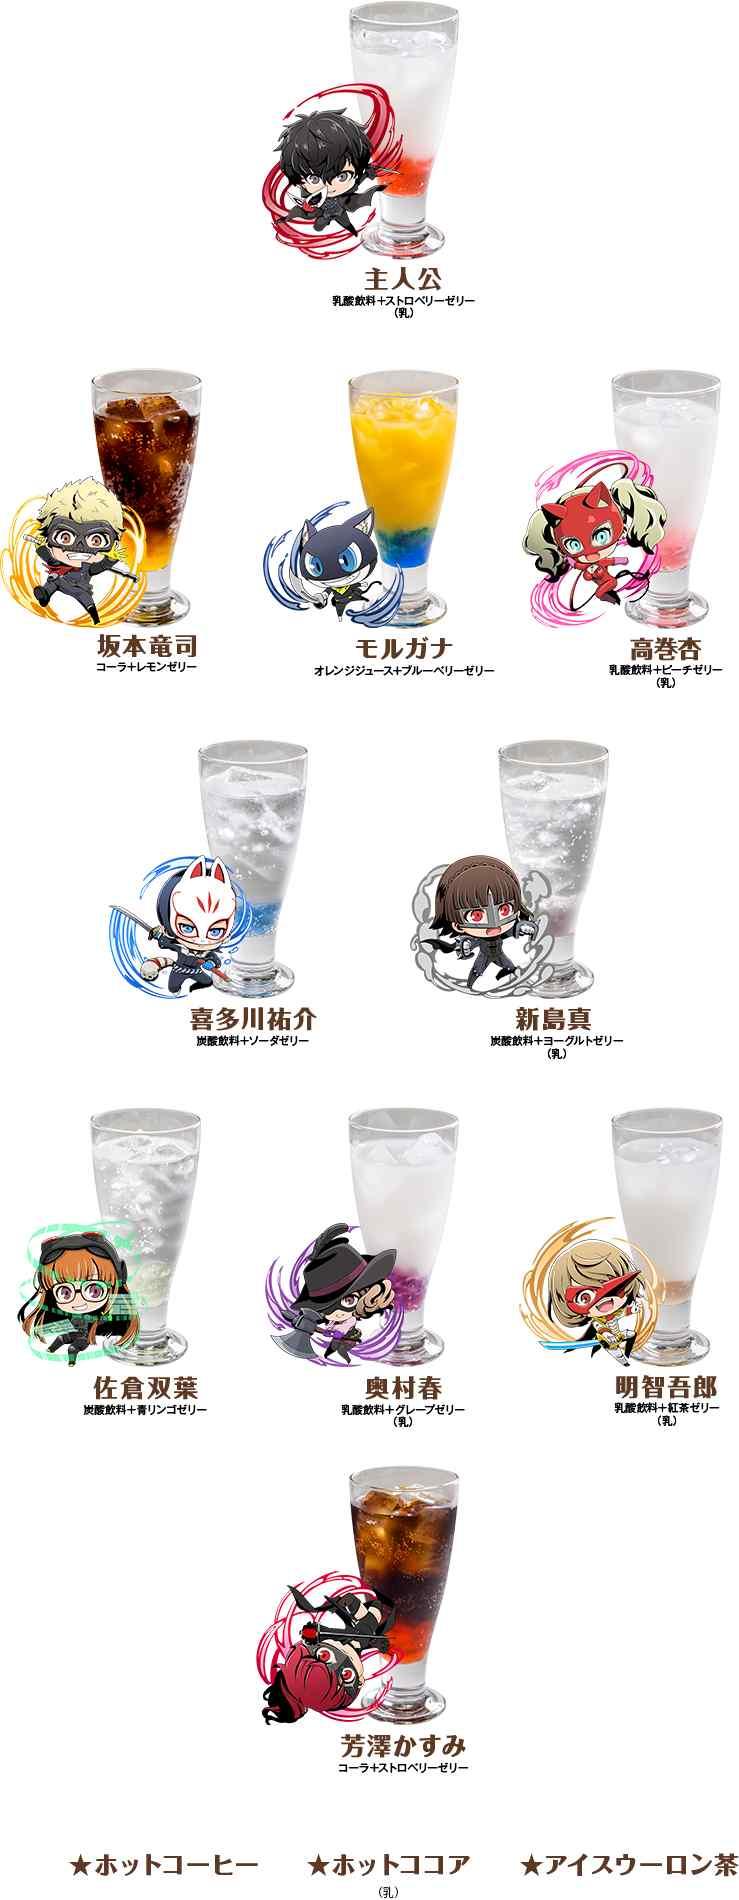 Persona 5 Cafe drink menu